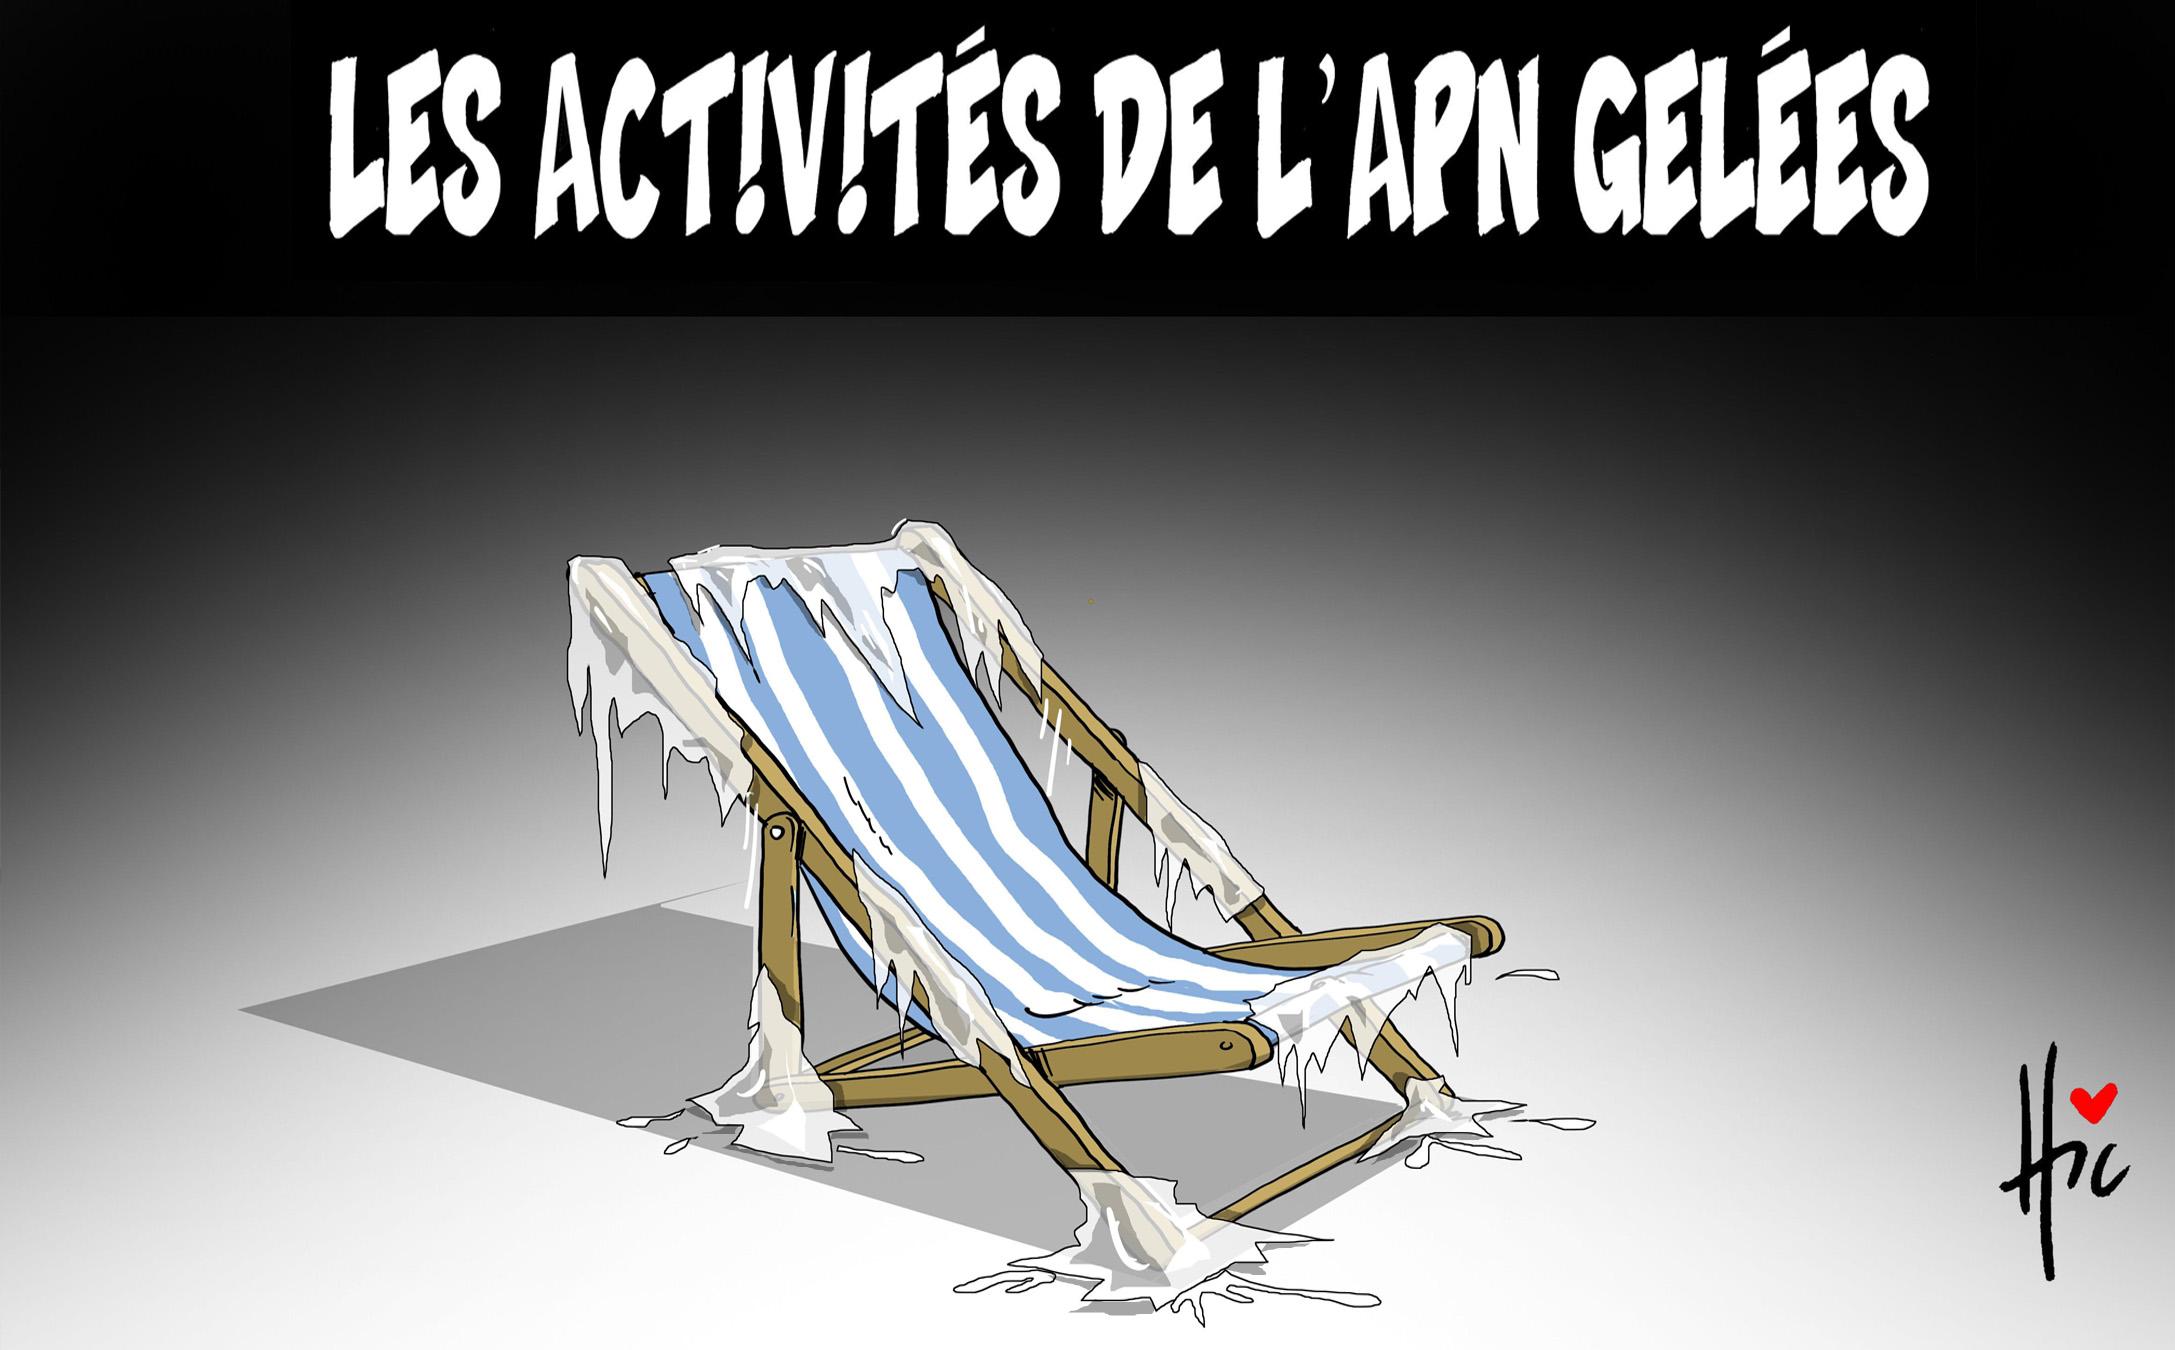 Les activités de l'apn gelées - Dessins et Caricatures, Le Hic - El Watan - Gagdz.com